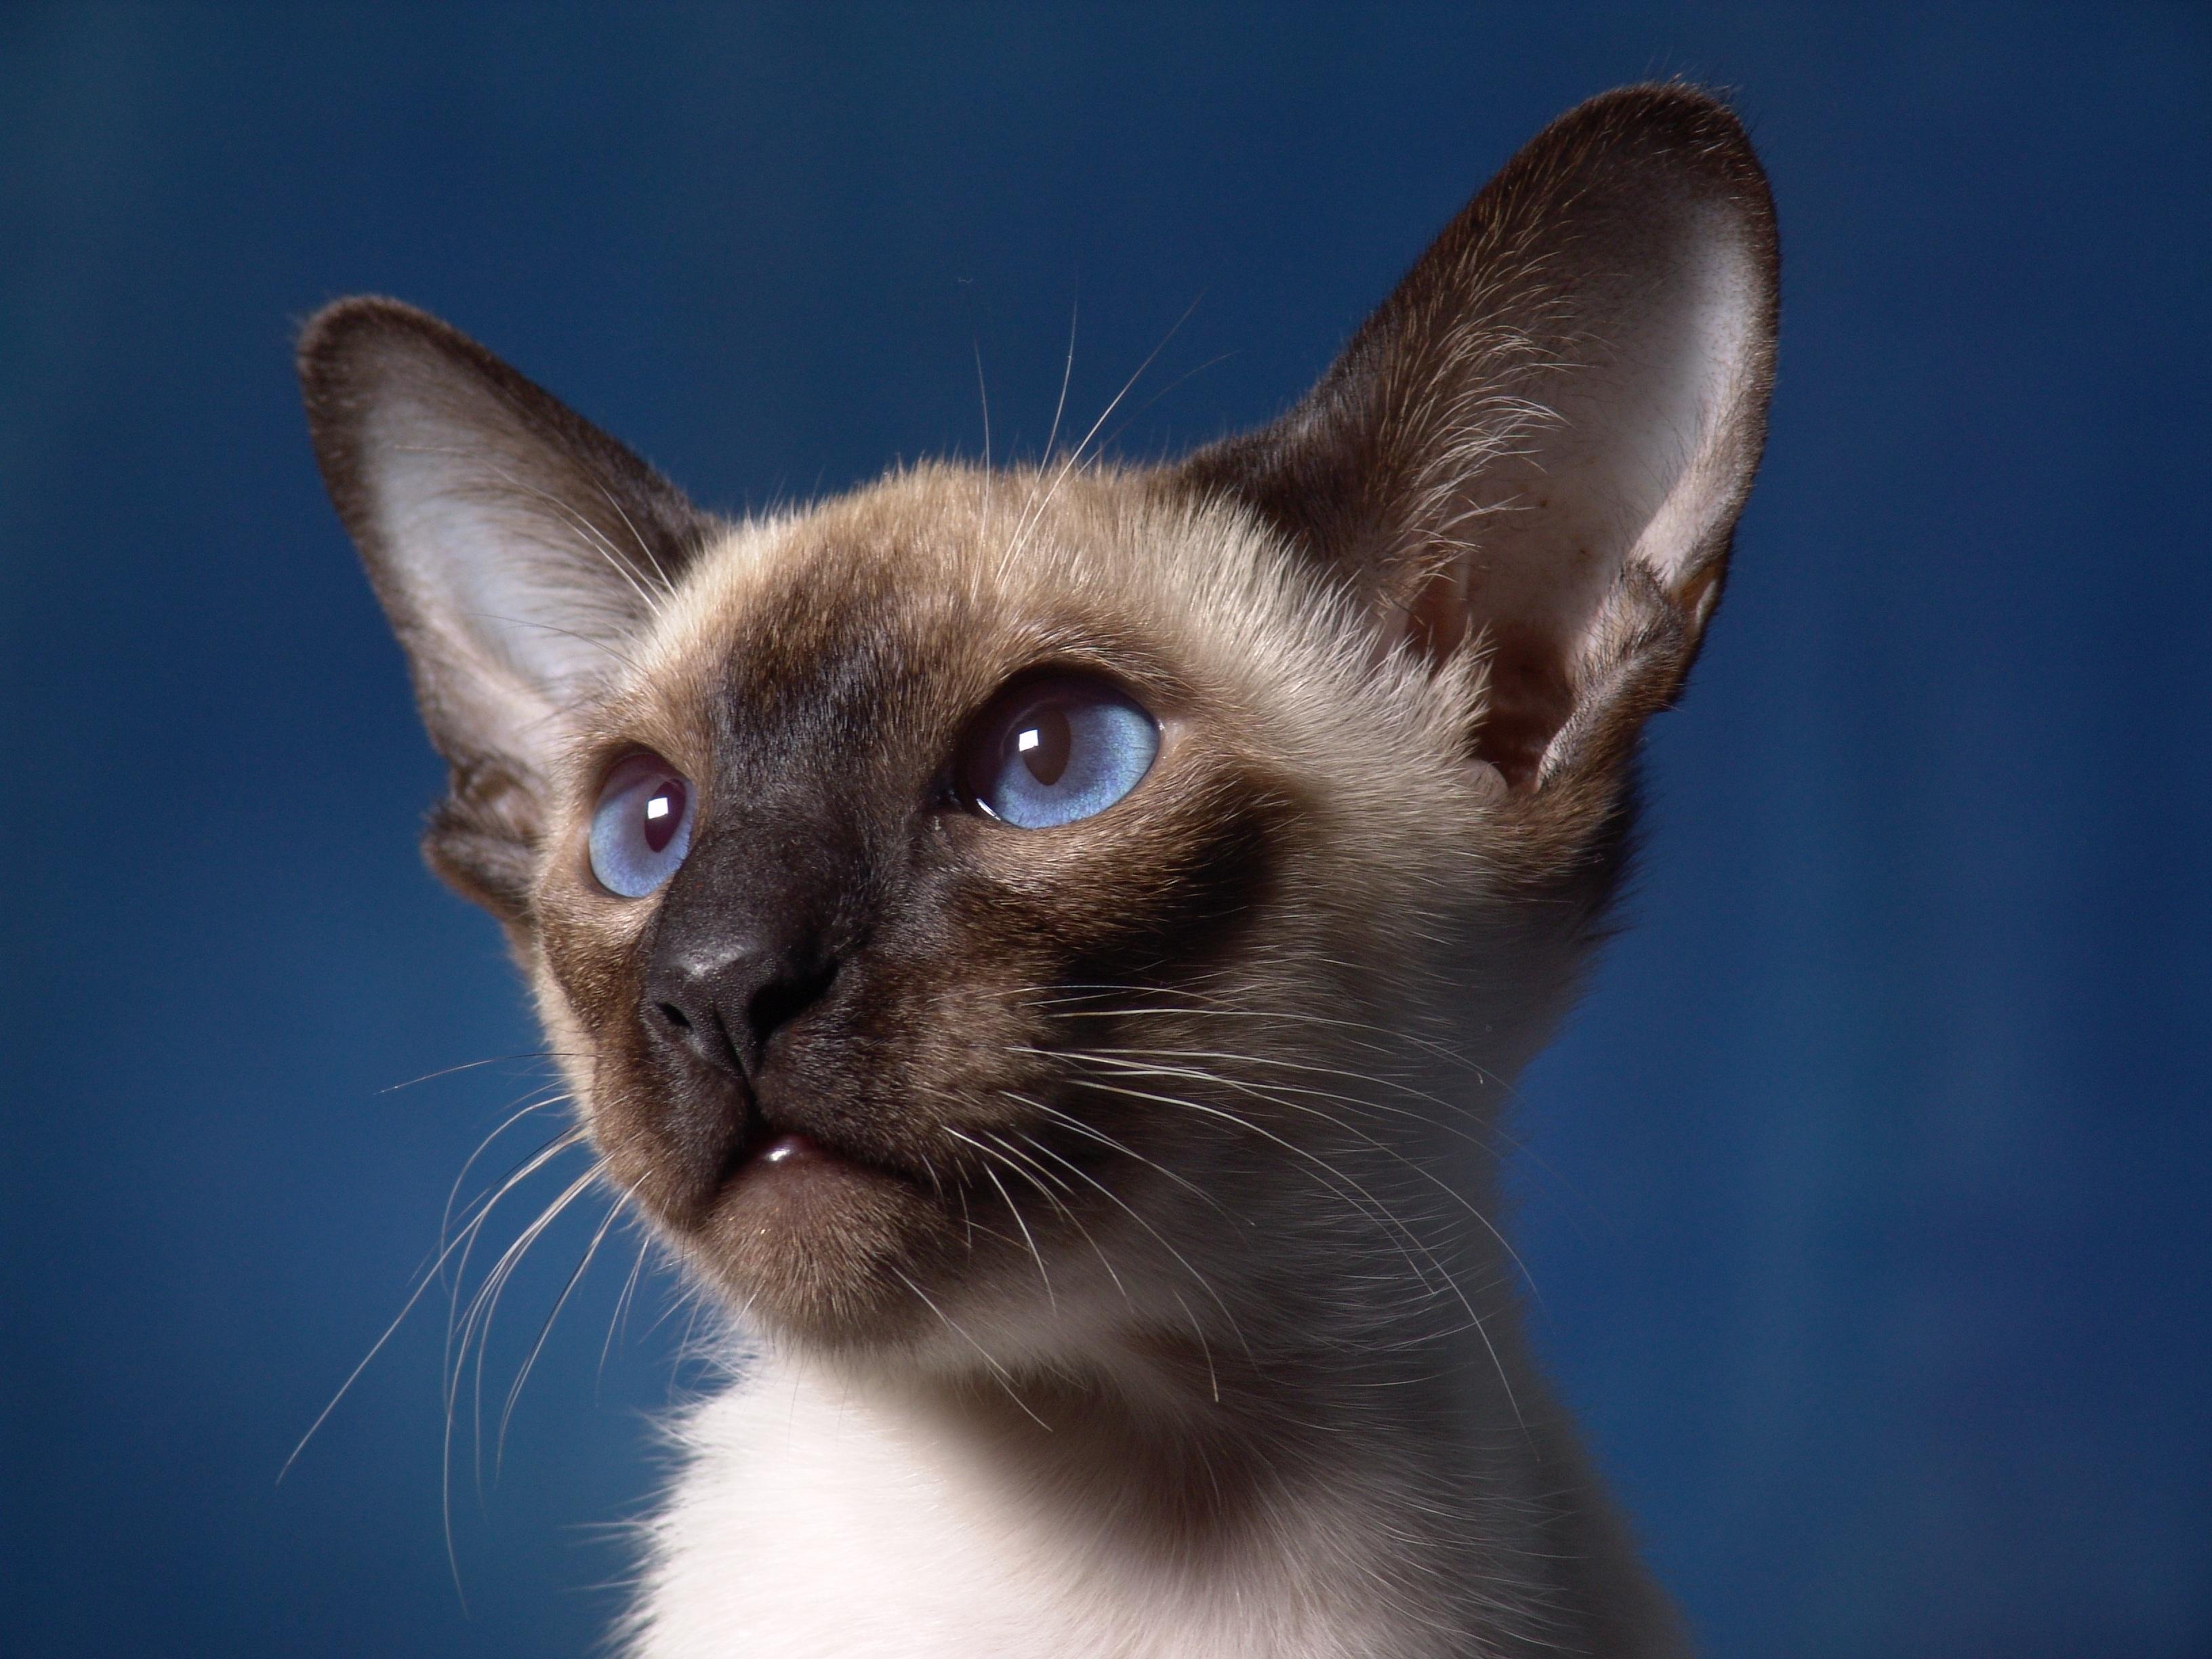 Medieum Haired Cat